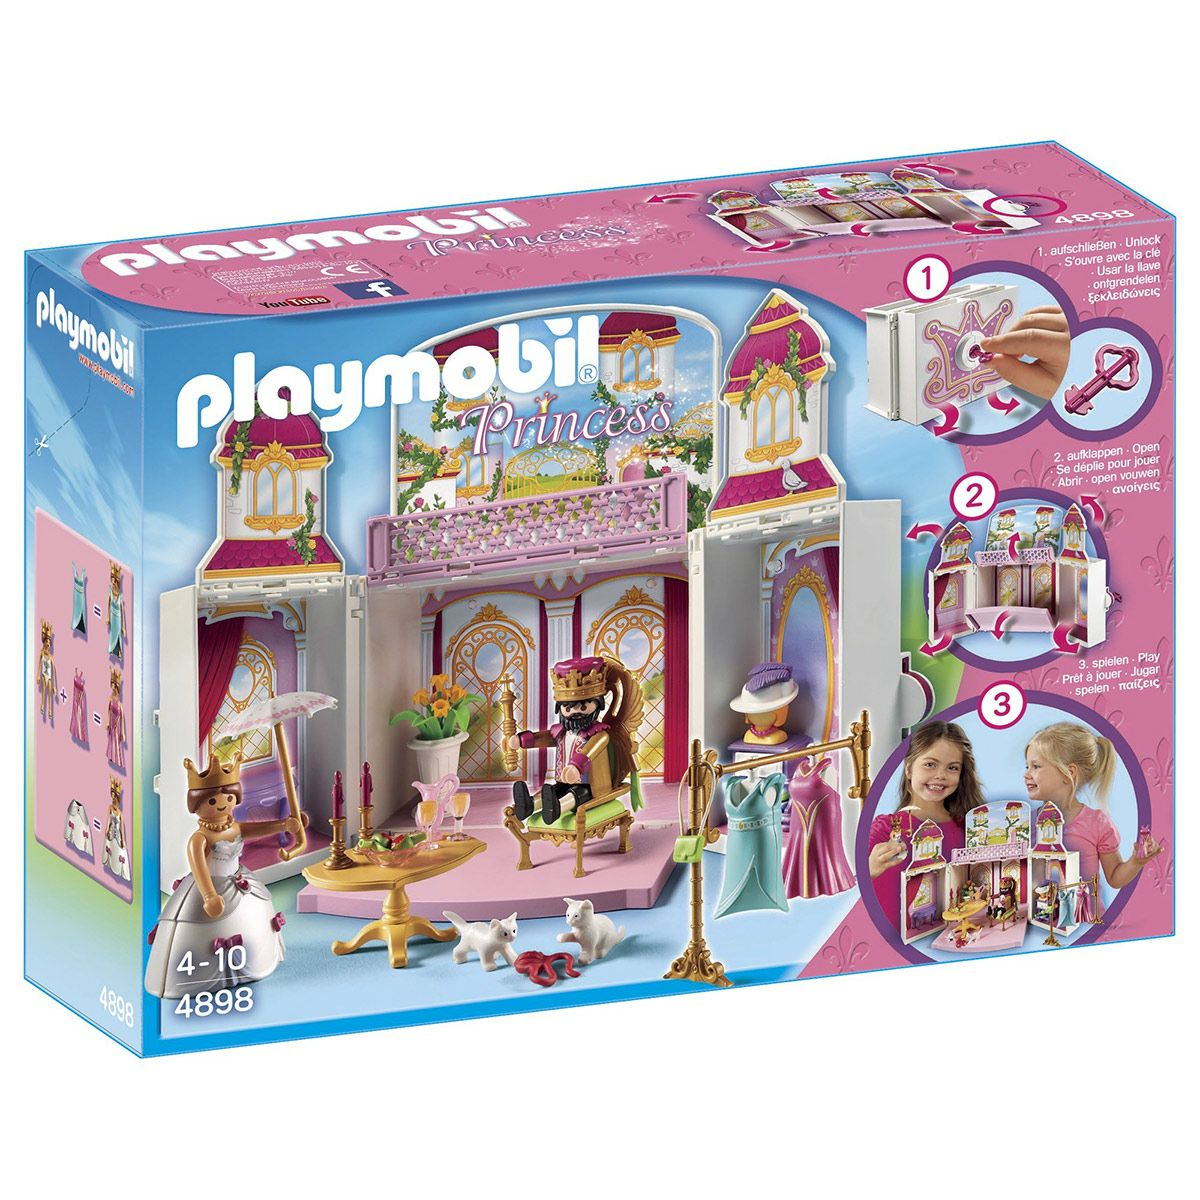 Coffre Cour royale 4898 Playmobil Princess - Princesses et ...